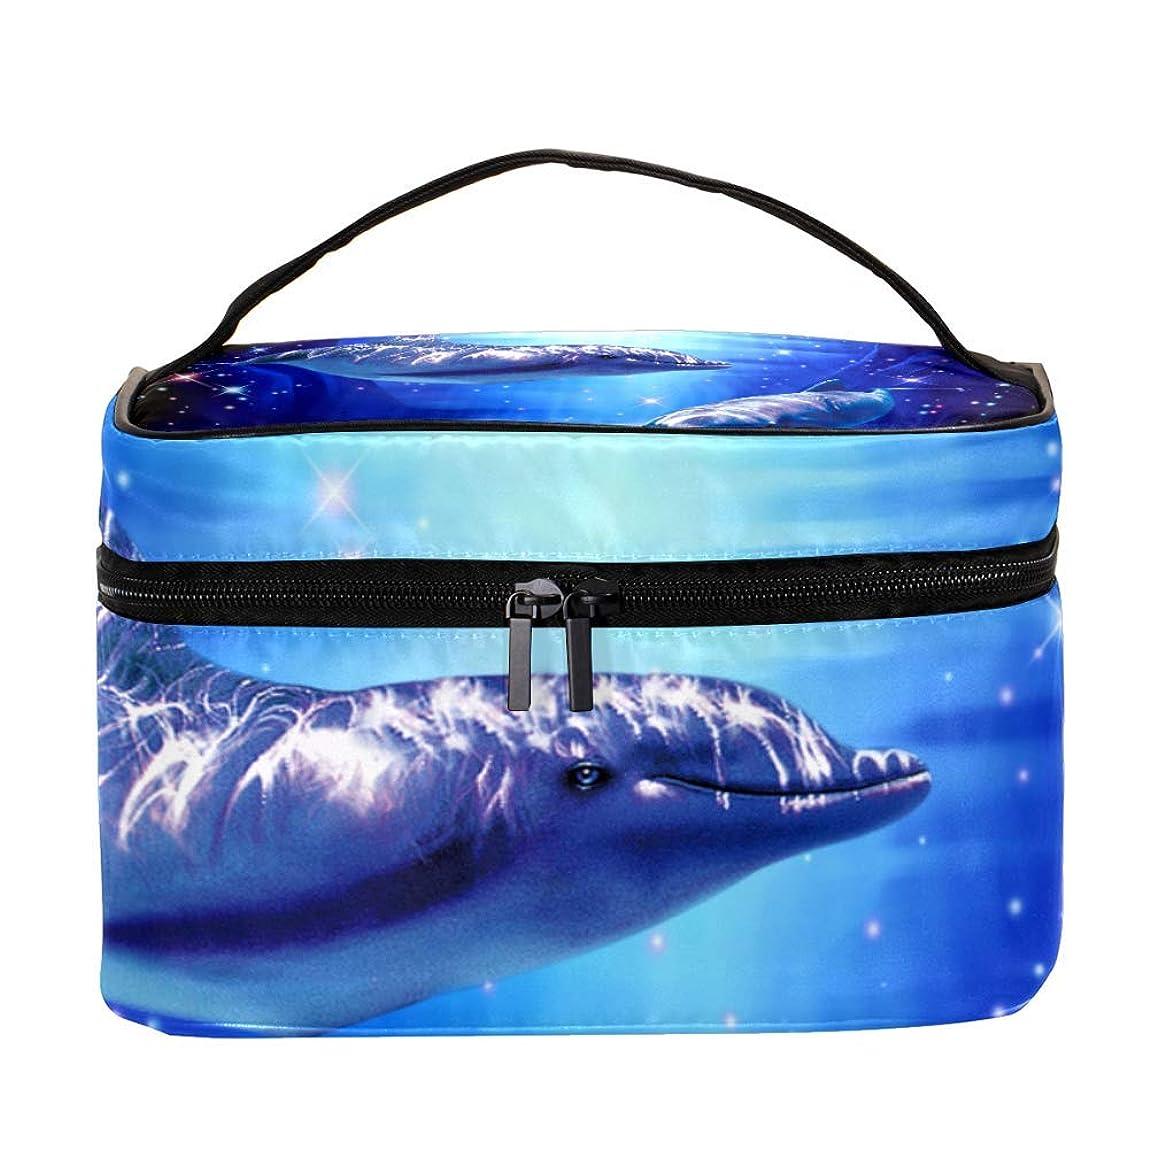 サスティーン害きつくAyuStyle バニティポーチ トラベルバッグ イルカ 海豚 化粧ポーチ メイクポーチ コスメバッグ 化粧道具 大容量 機能的 小物入れ おしゃれ かわいい 収納ケース